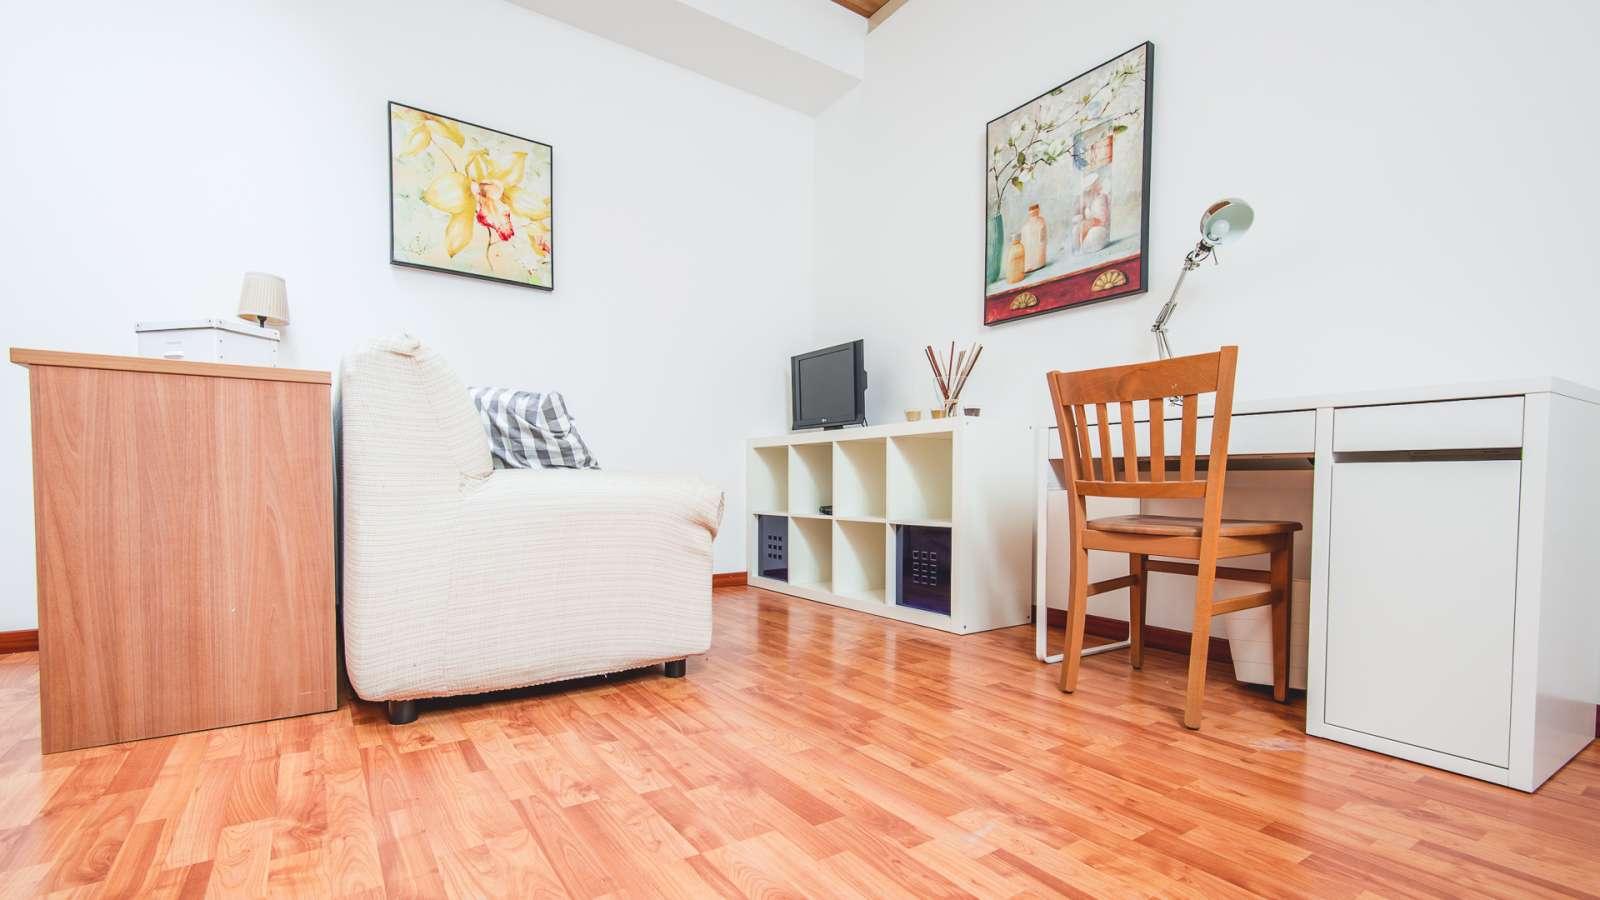 Stanze condivise in affitto a lancetti milano ref for Barcellona affitto appartamenti economici